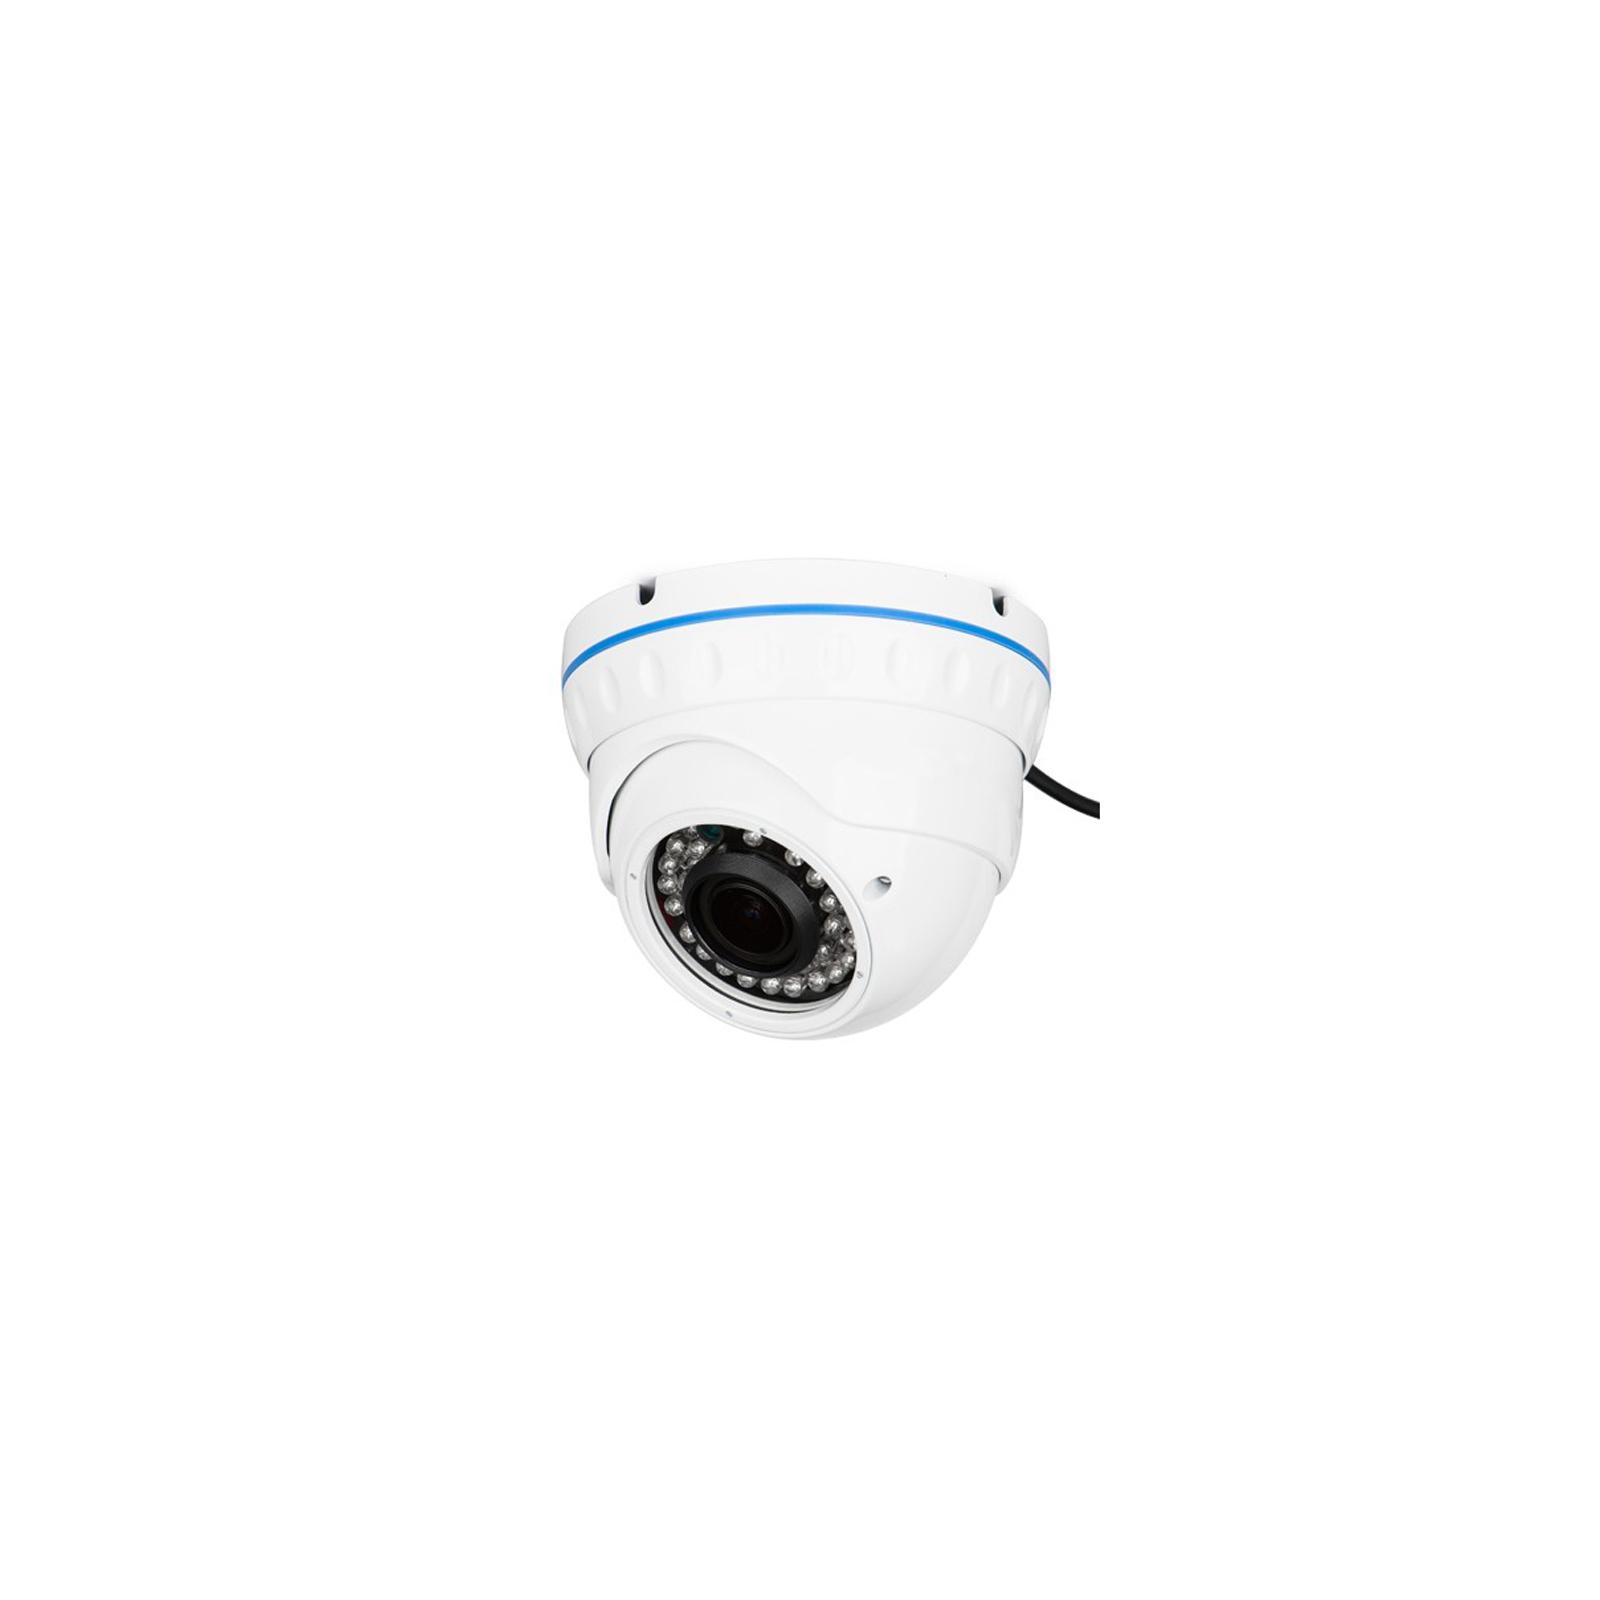 Камера видеонаблюдения CnM Secure IPD-2M-40F-poe